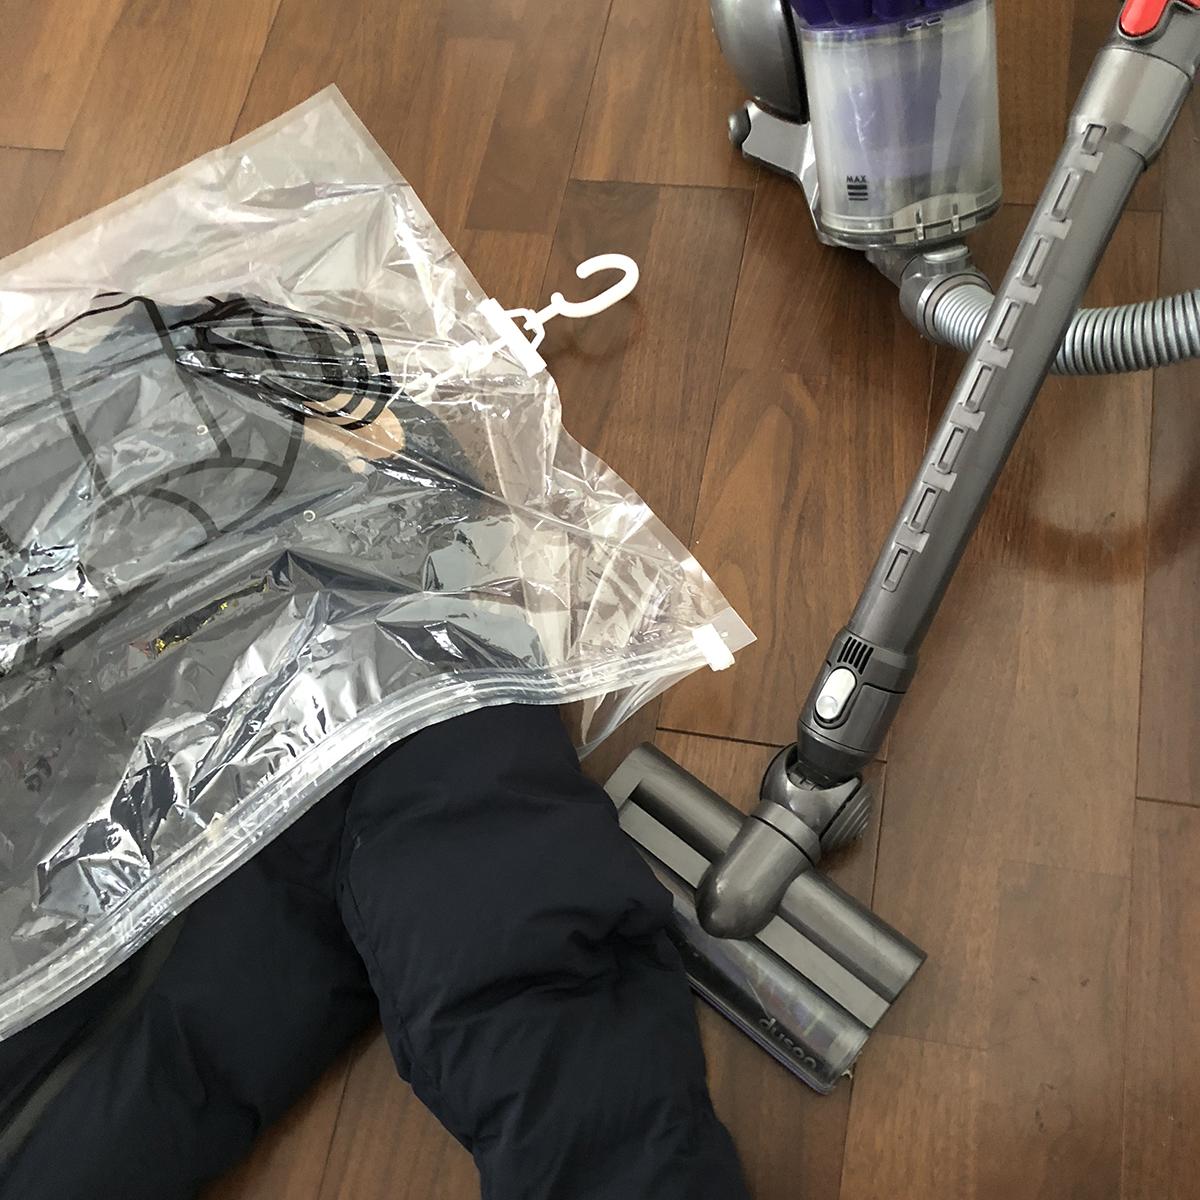 1.ハンガーごと収納OK、シワ・型崩れ知らずの衣類圧縮バッグ|vacuum seal hanging bag